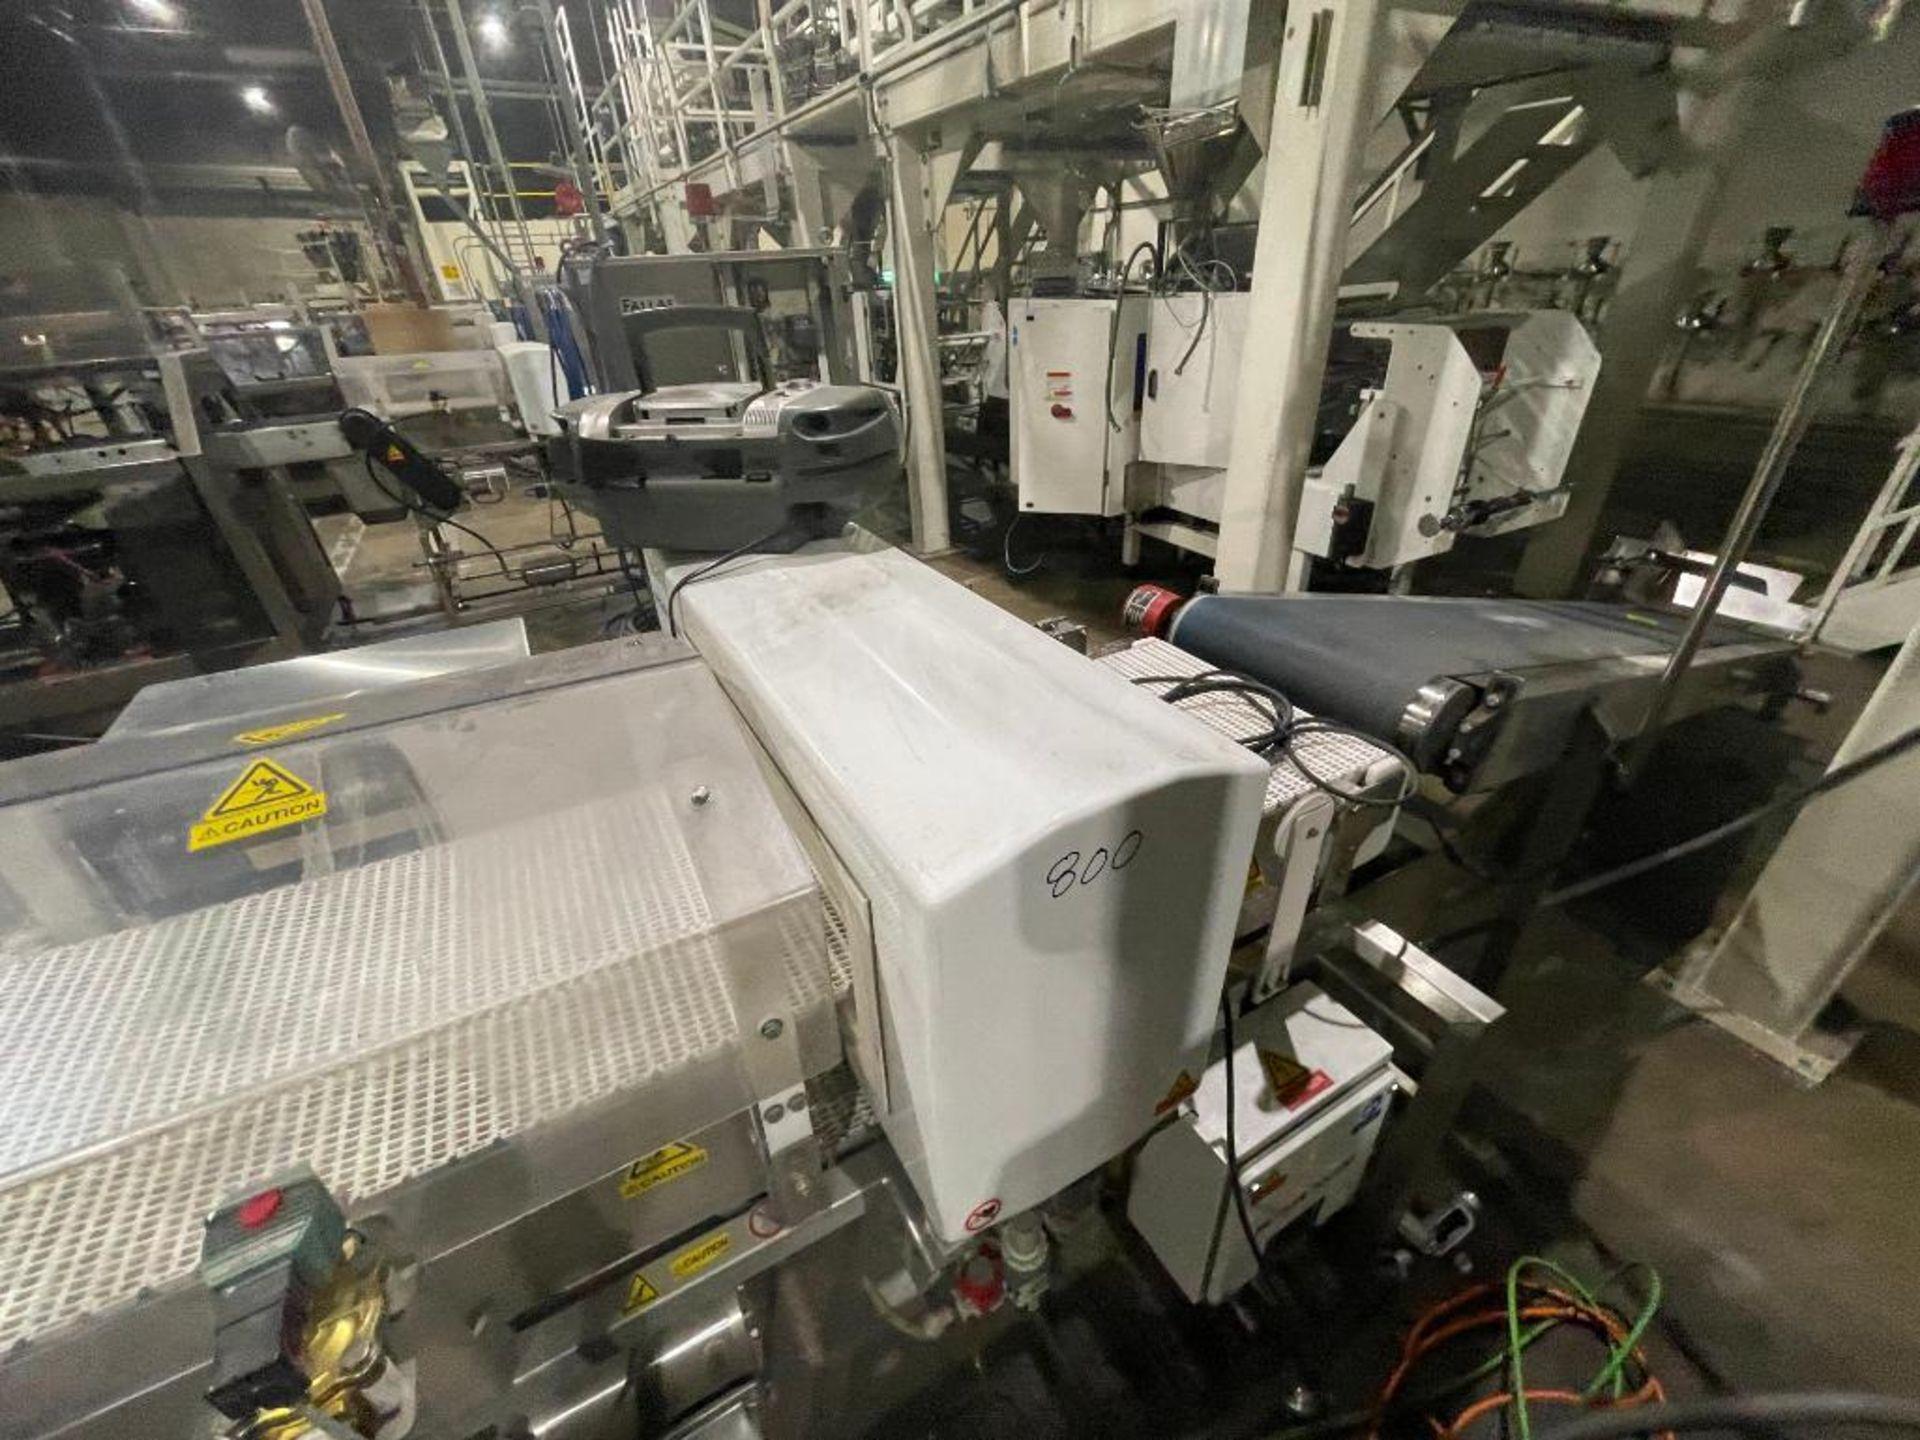 2016 Mettler Toledo metal detector, model SL1500 - Image 9 of 16